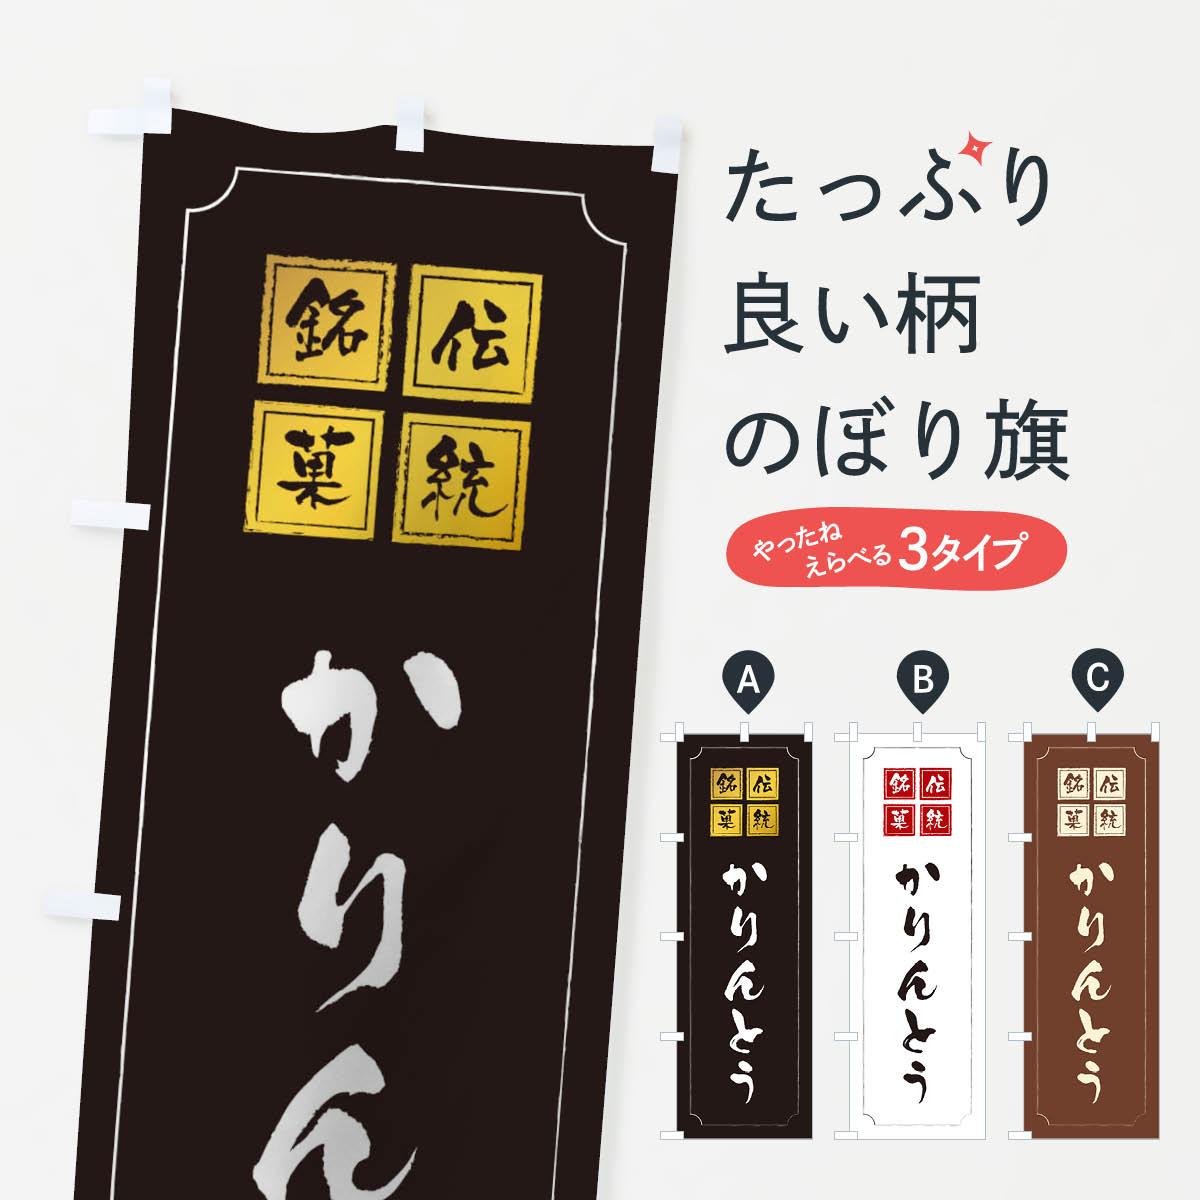 【3980送料無料】 のぼり旗 かりんとうのぼり 和菓子画像